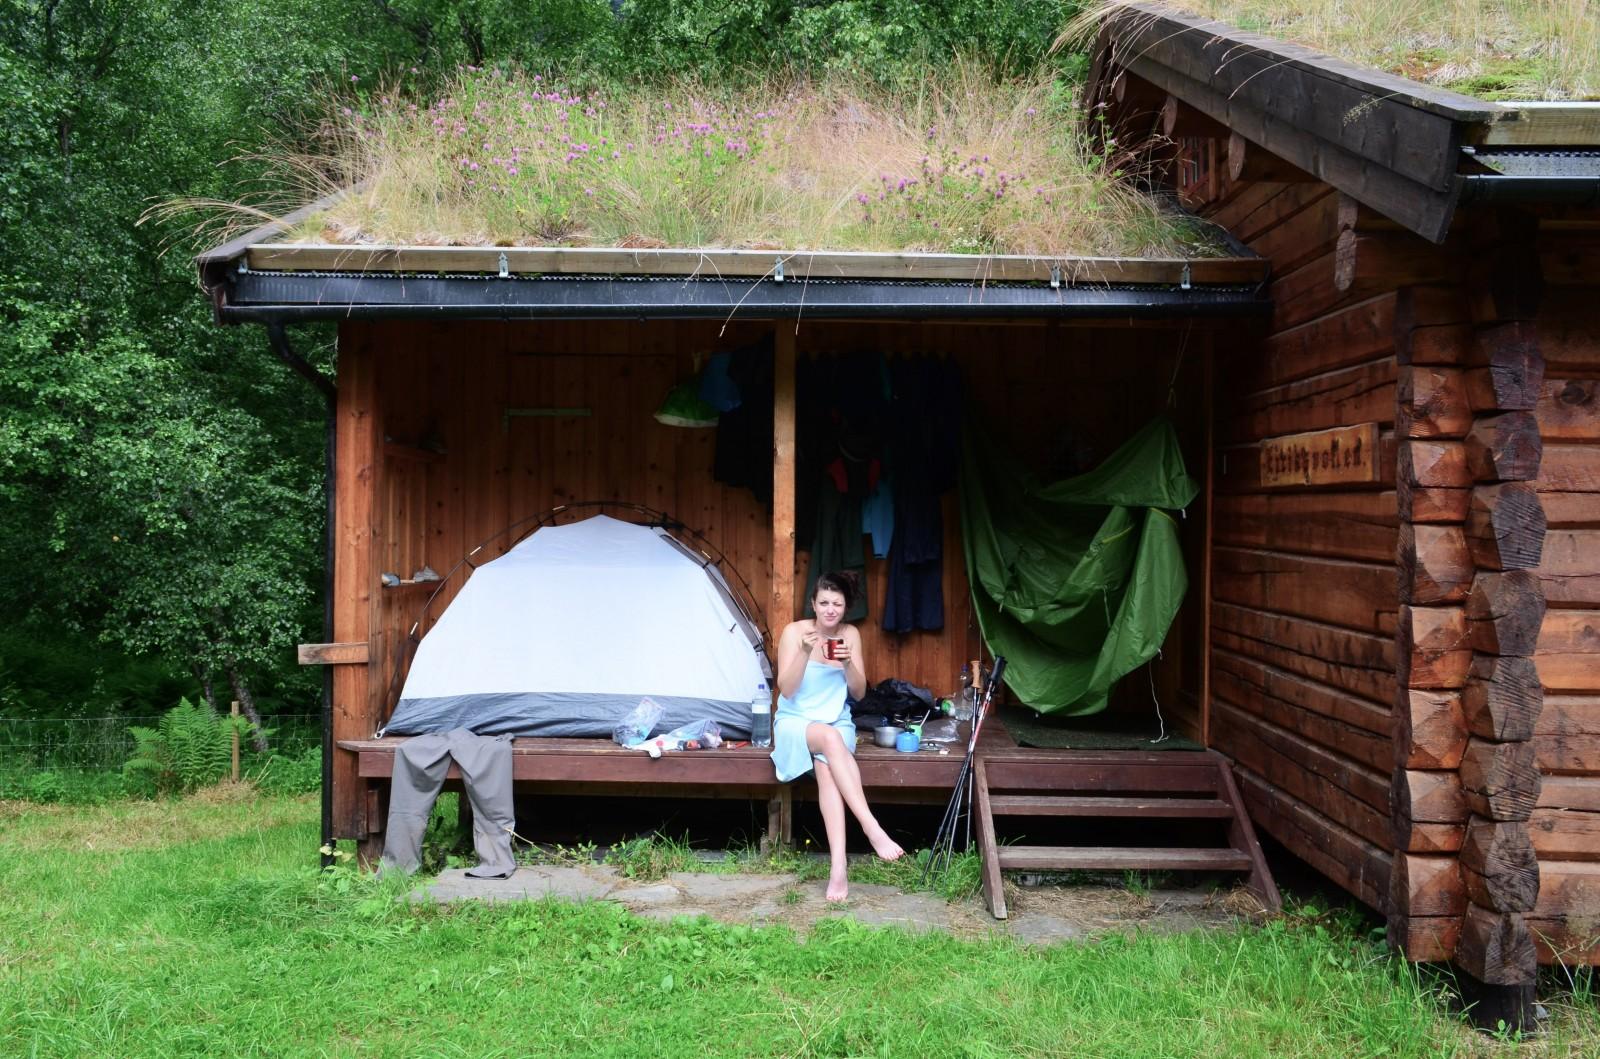 Ranní hygiena a sušení věcí před chatou Eiriksvollen